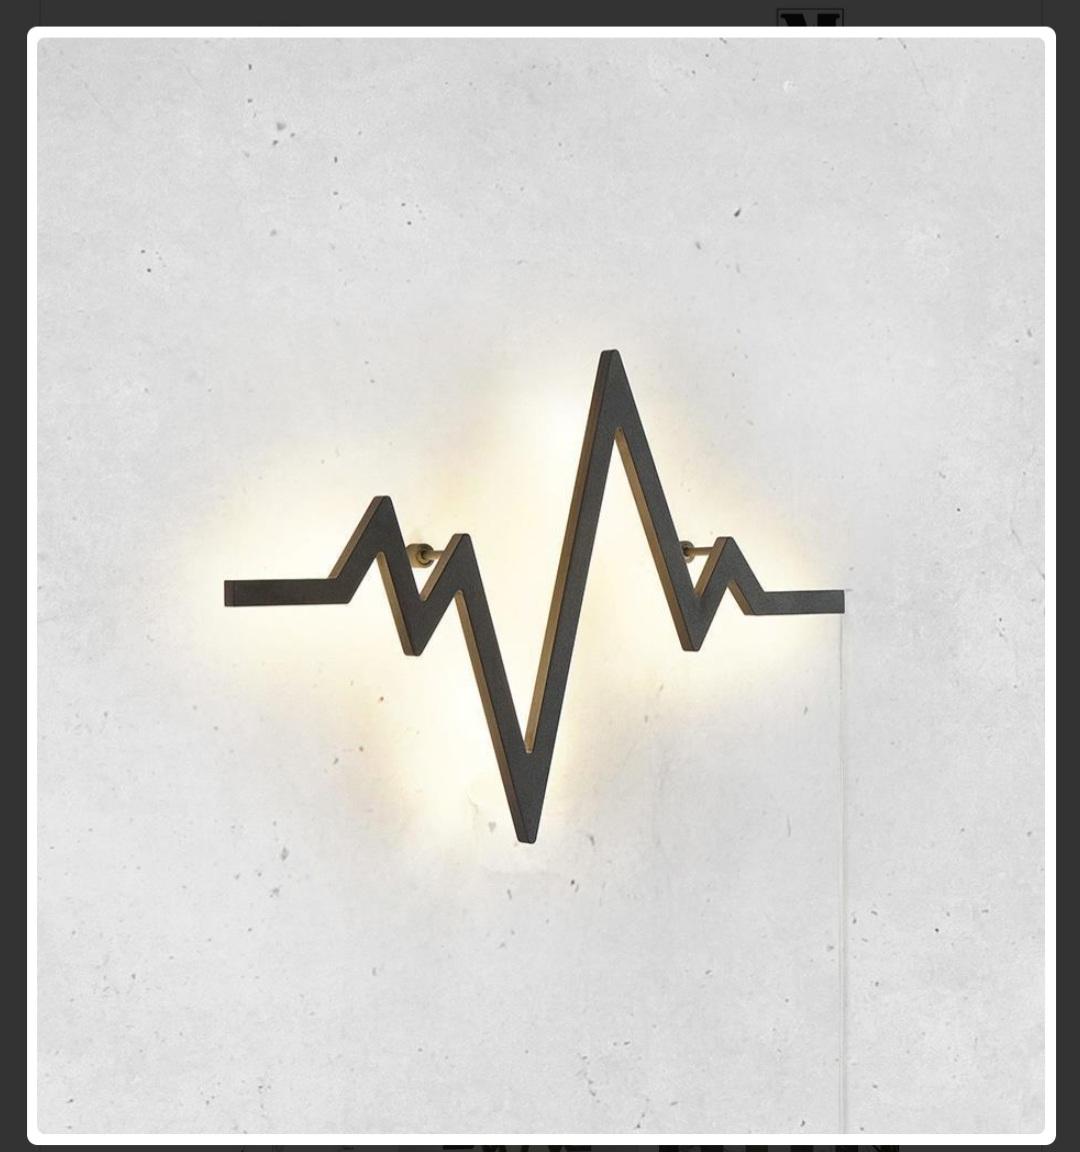 LIFE černé nástěnné svítidlo 40cm EKG - Obrázek č. 1